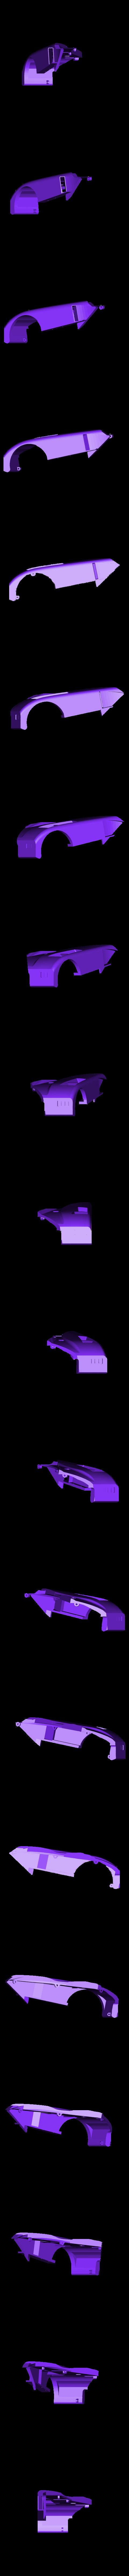 rear fender right.stl Télécharger fichier STL gratuit 1991 Mazda 787B 3d Voiture RC imprimée de 1991 • Objet à imprimer en 3D, brett